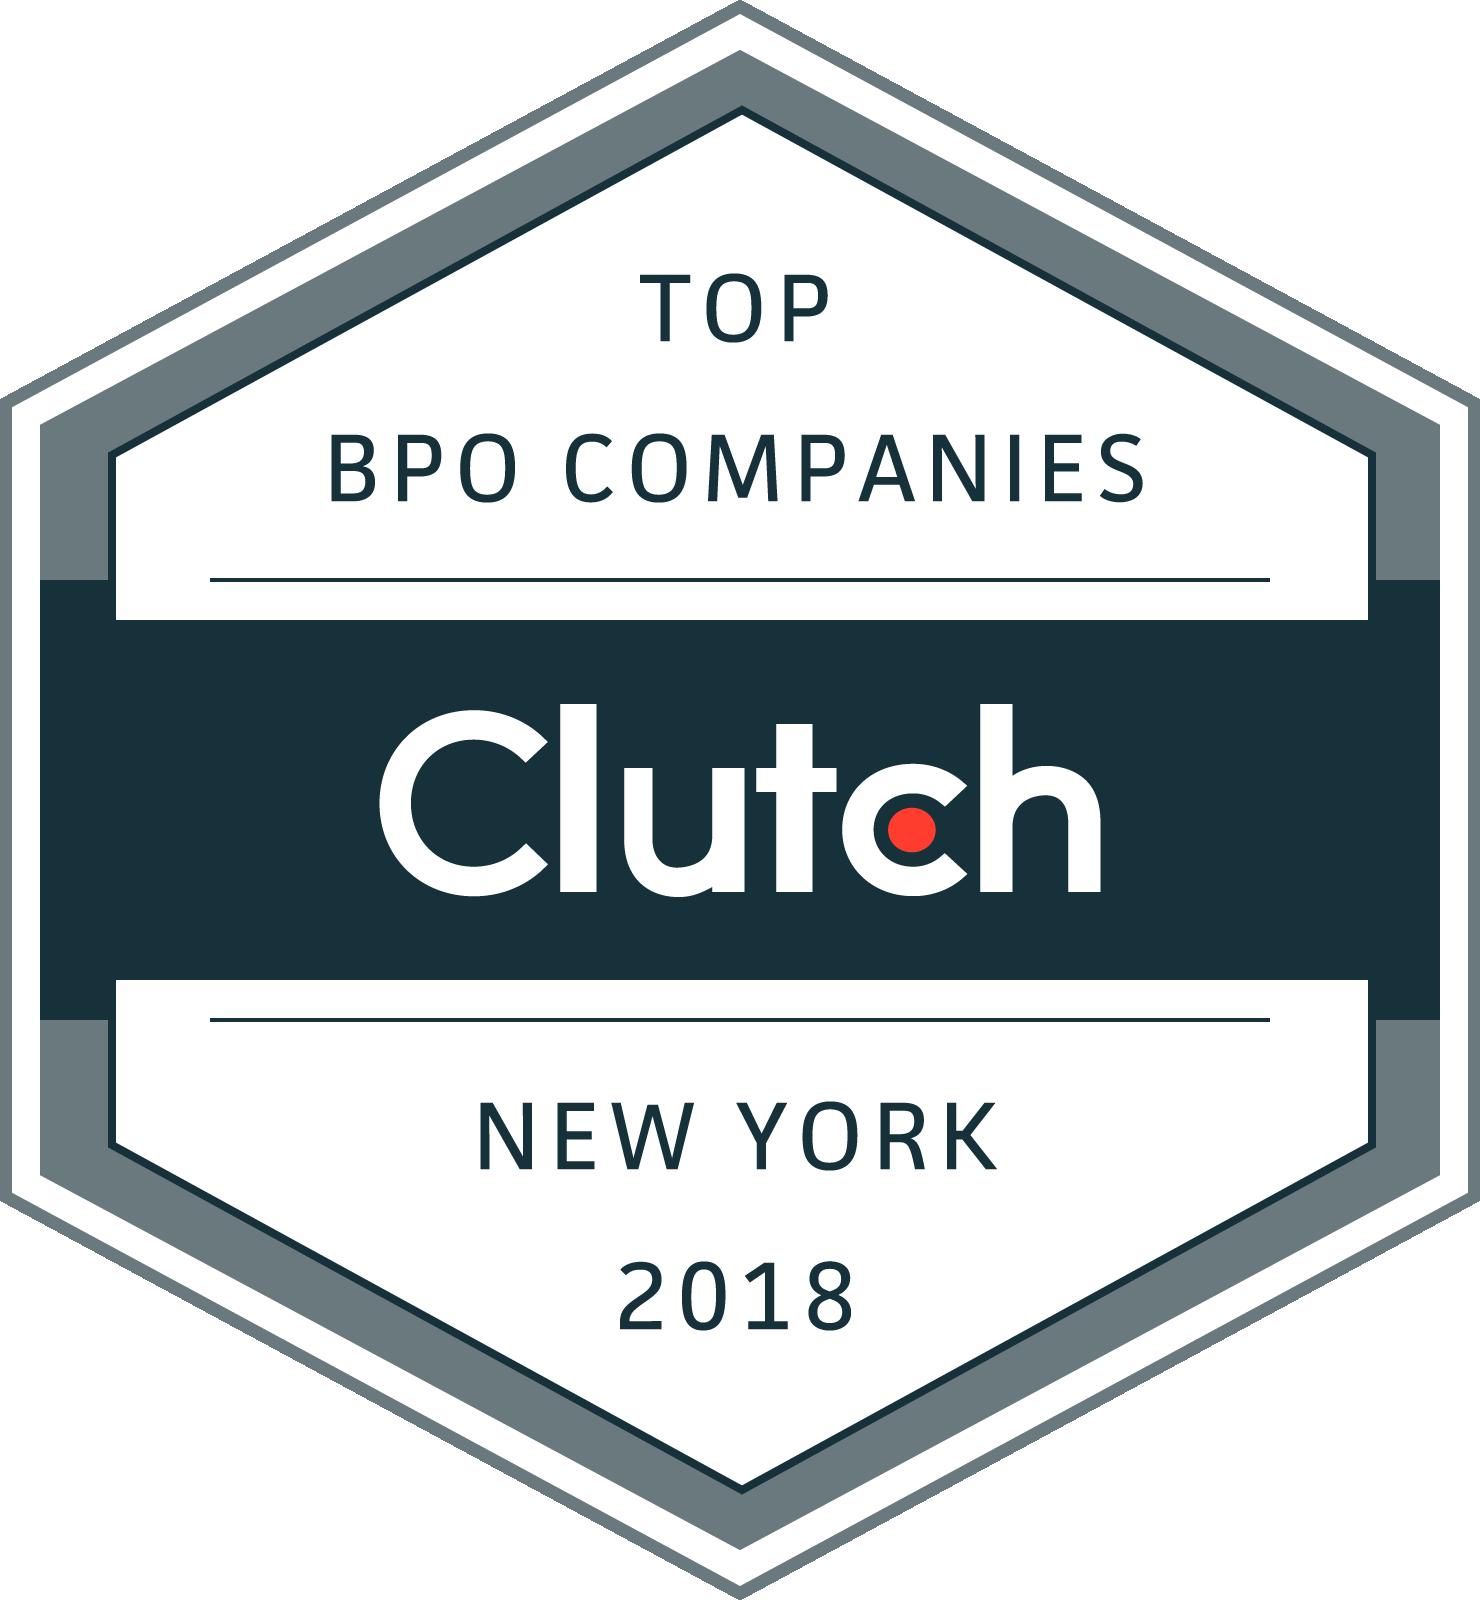 Top BPO Company